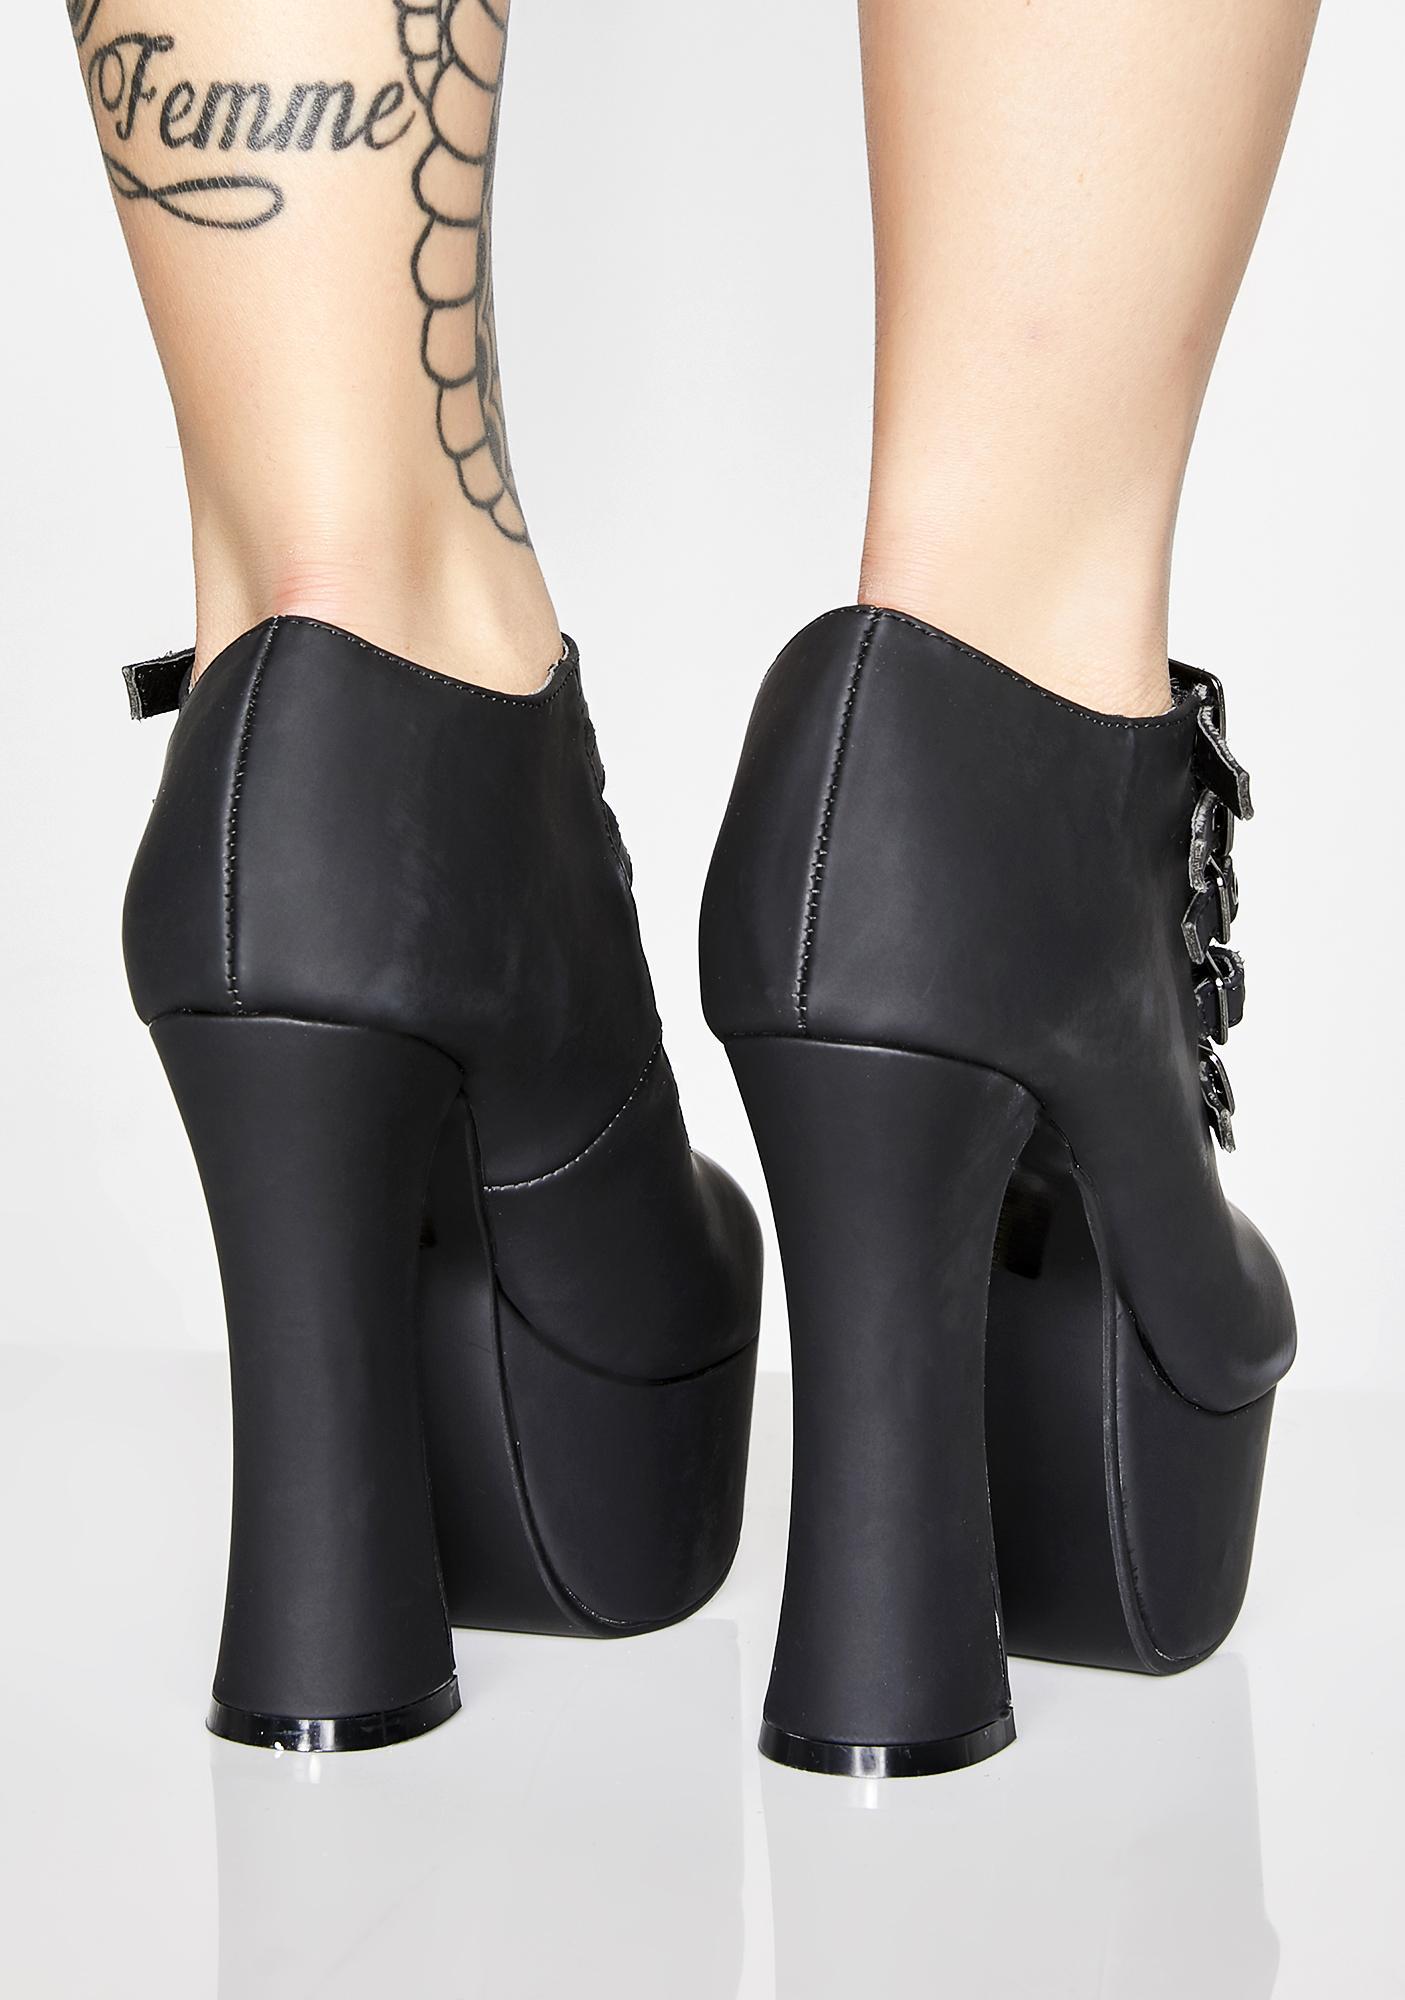 870cdf2aff6 ... T.U.K. Strappy Spice Platform Heels ...